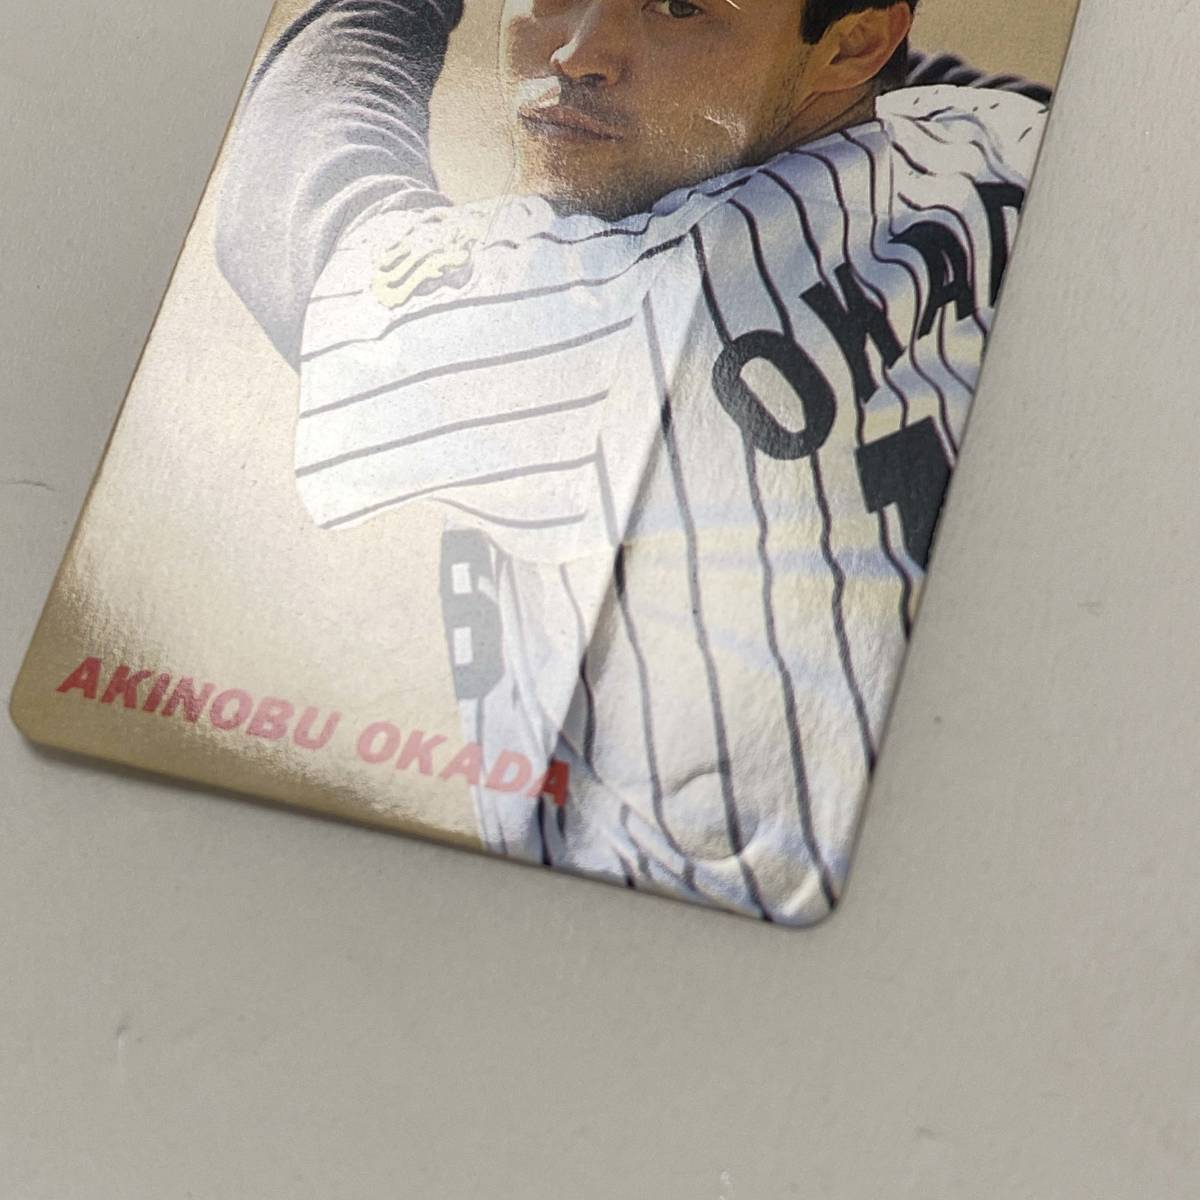 FP【当時もの】カルビー 野球 カード 1991年 No.12 岡田彰布 阪神タイガース プロ野球チップス_画像2